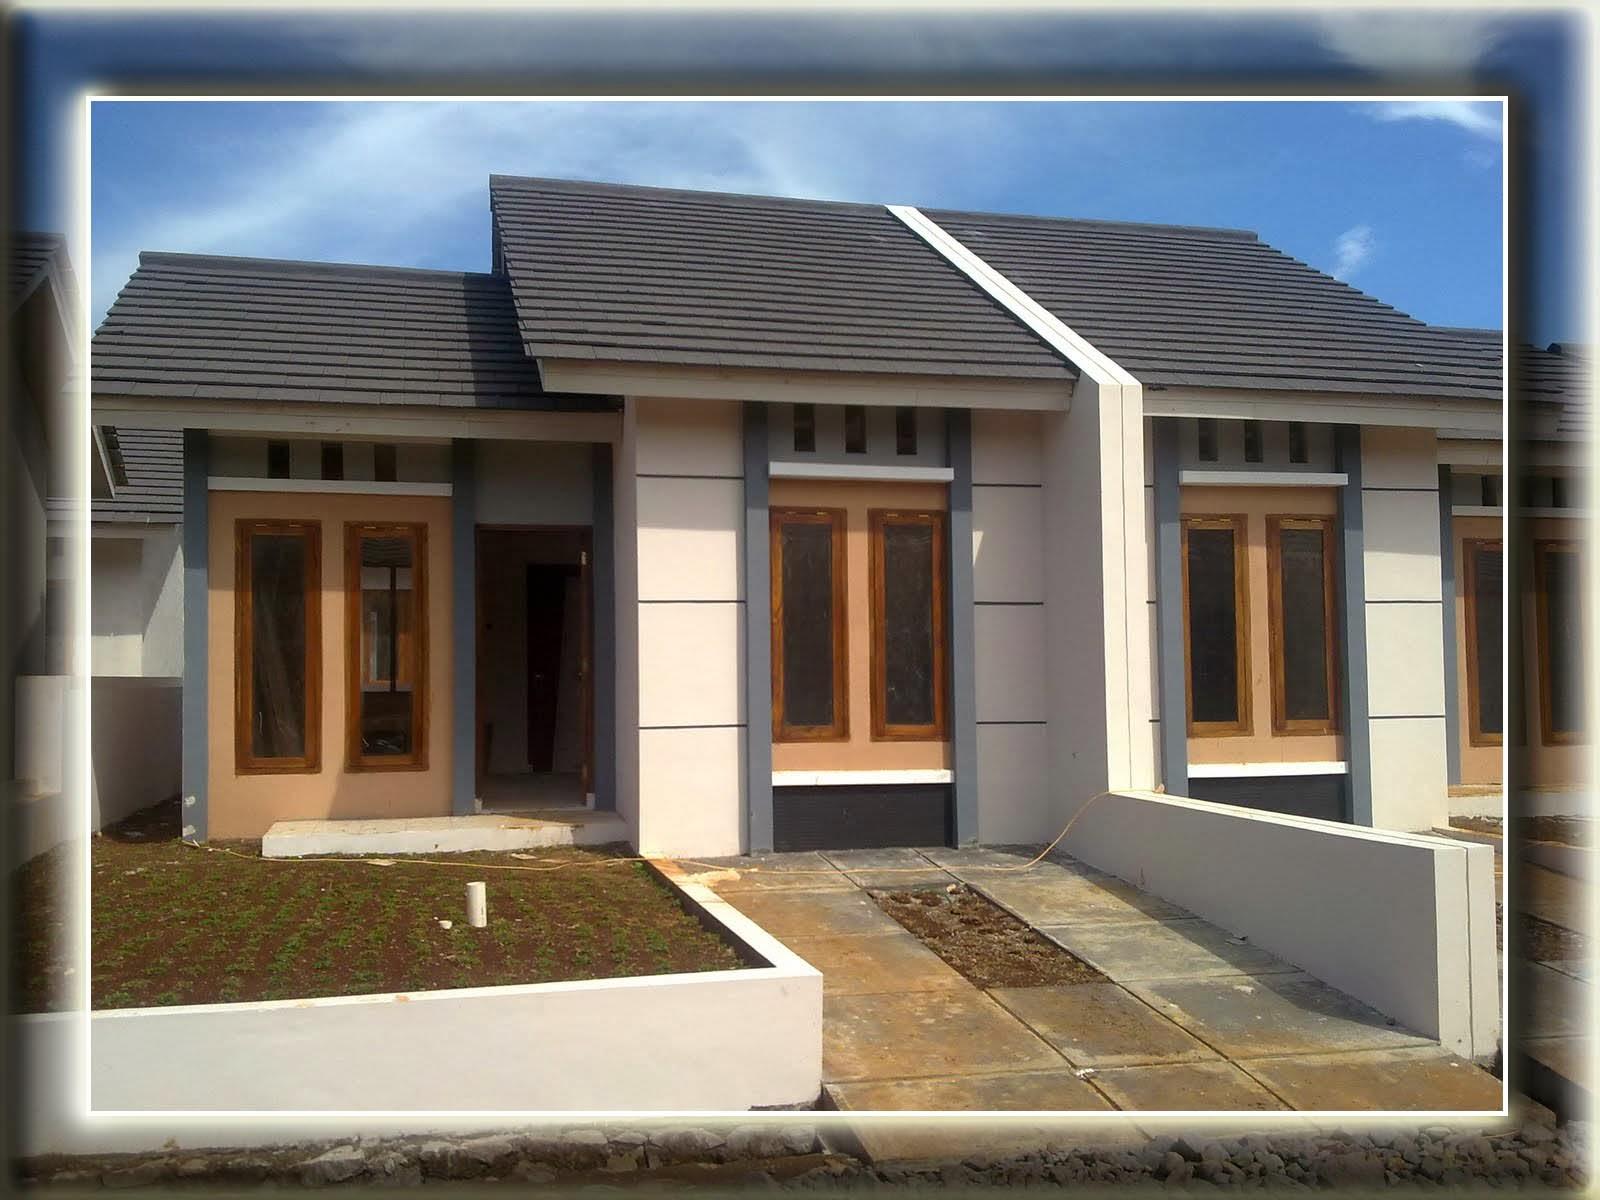 66 Desain Rumah Minimalis Type 36/60 | Desain Rumah ...